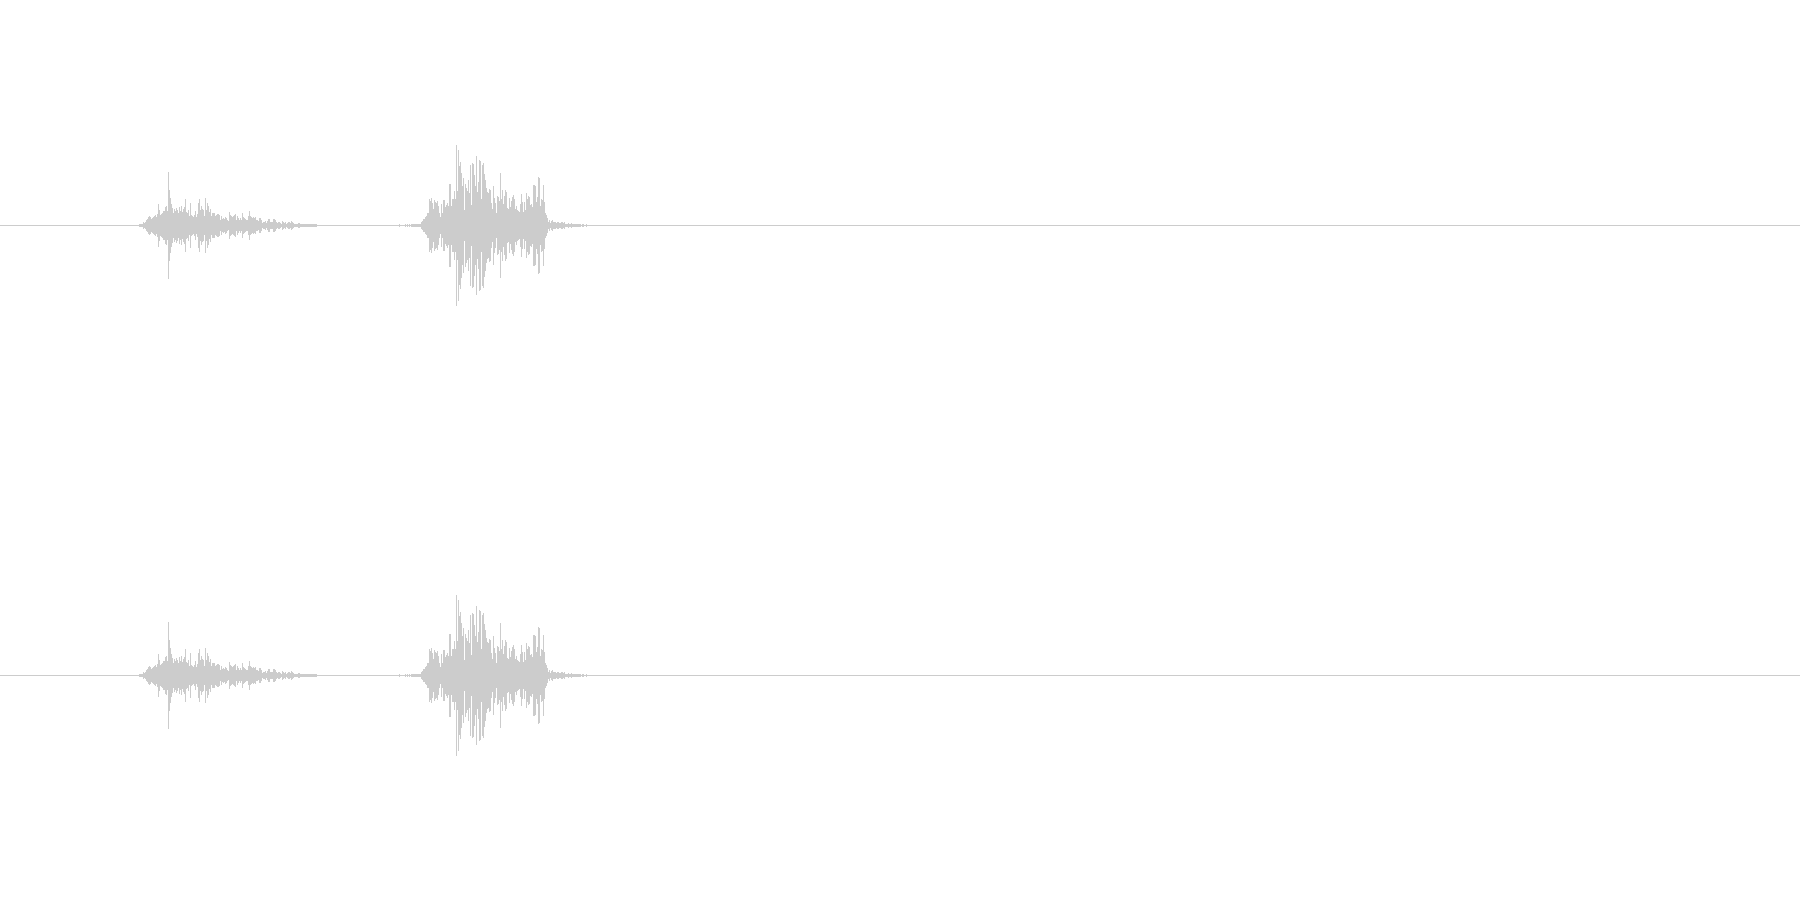 【ボールペン01-08((チェック)】の未再生の波形